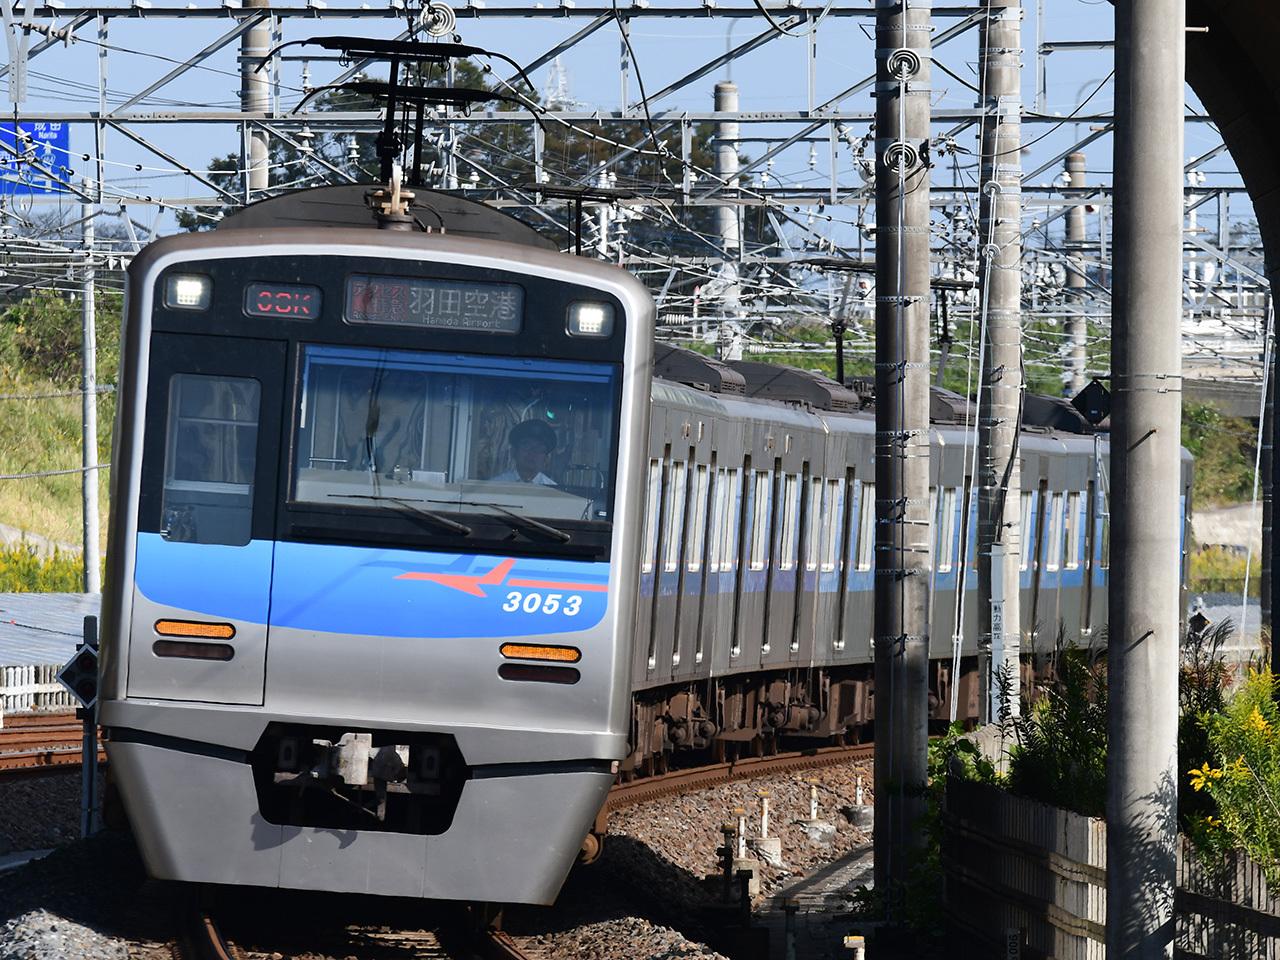 従来の成田スカイアクセス線主力車両、3050形。今後、3100形によって順次置き換えられるほか、残存する編成も3100形に準じたカラーリングに変更されます